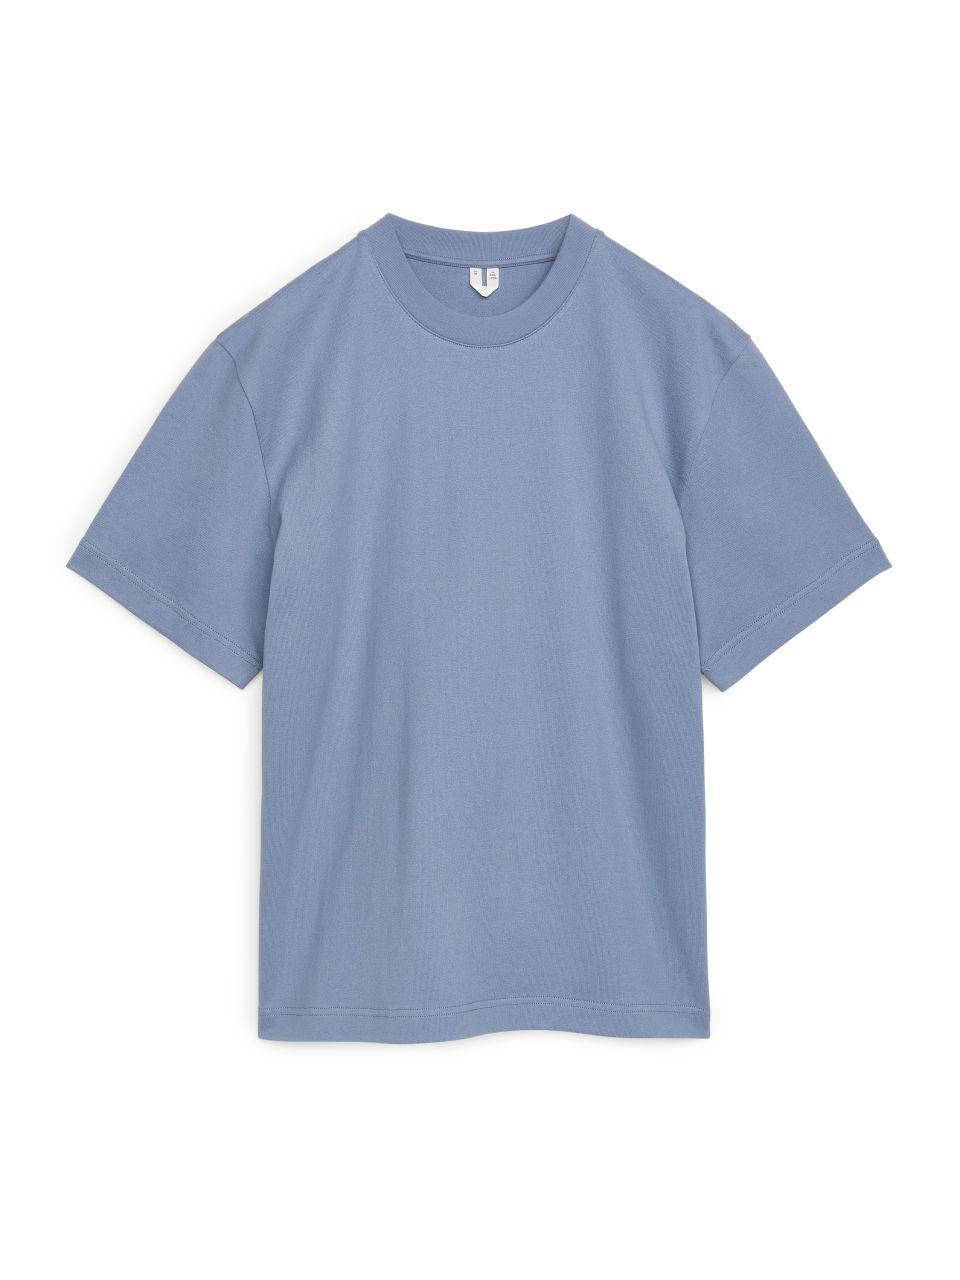 Oversized Heavyweight T-shirt - Blue